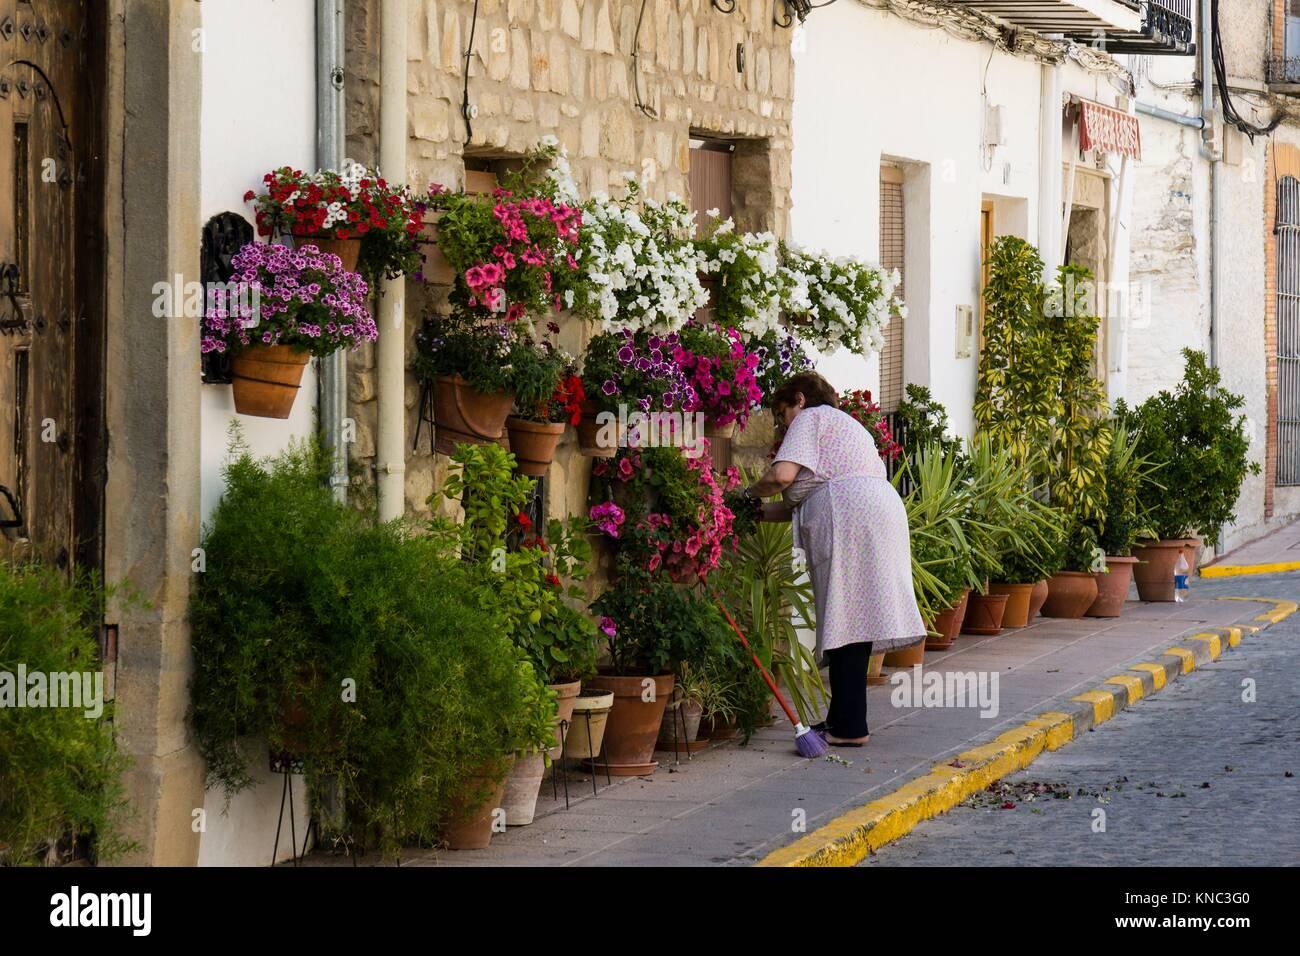 macetas de flores en la calle, Iznatoraf, Loma de Ubeda, provincia de Jaén en la comarca de las Villas, spain, - Stock Image